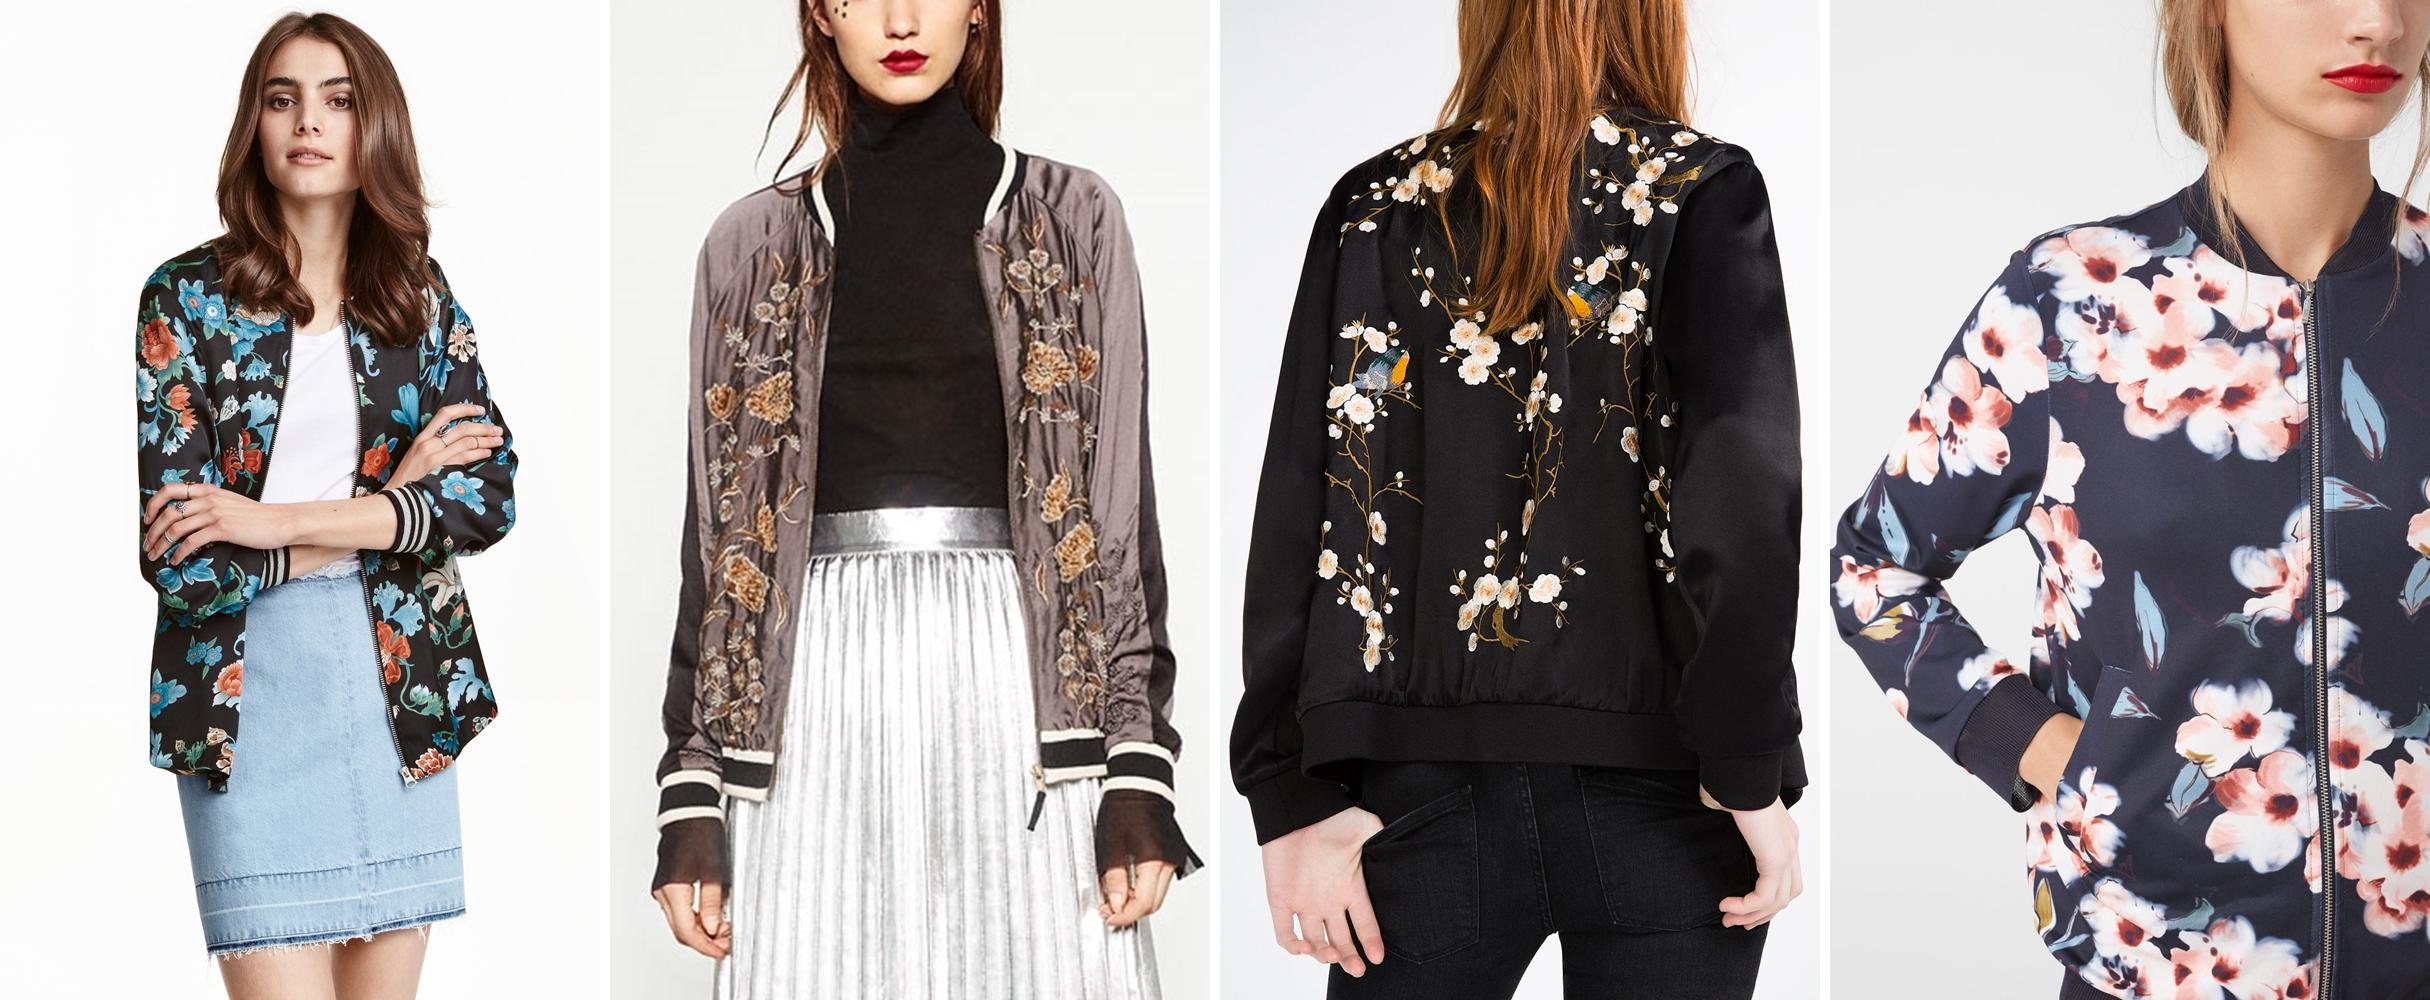 bomber jacket floral print